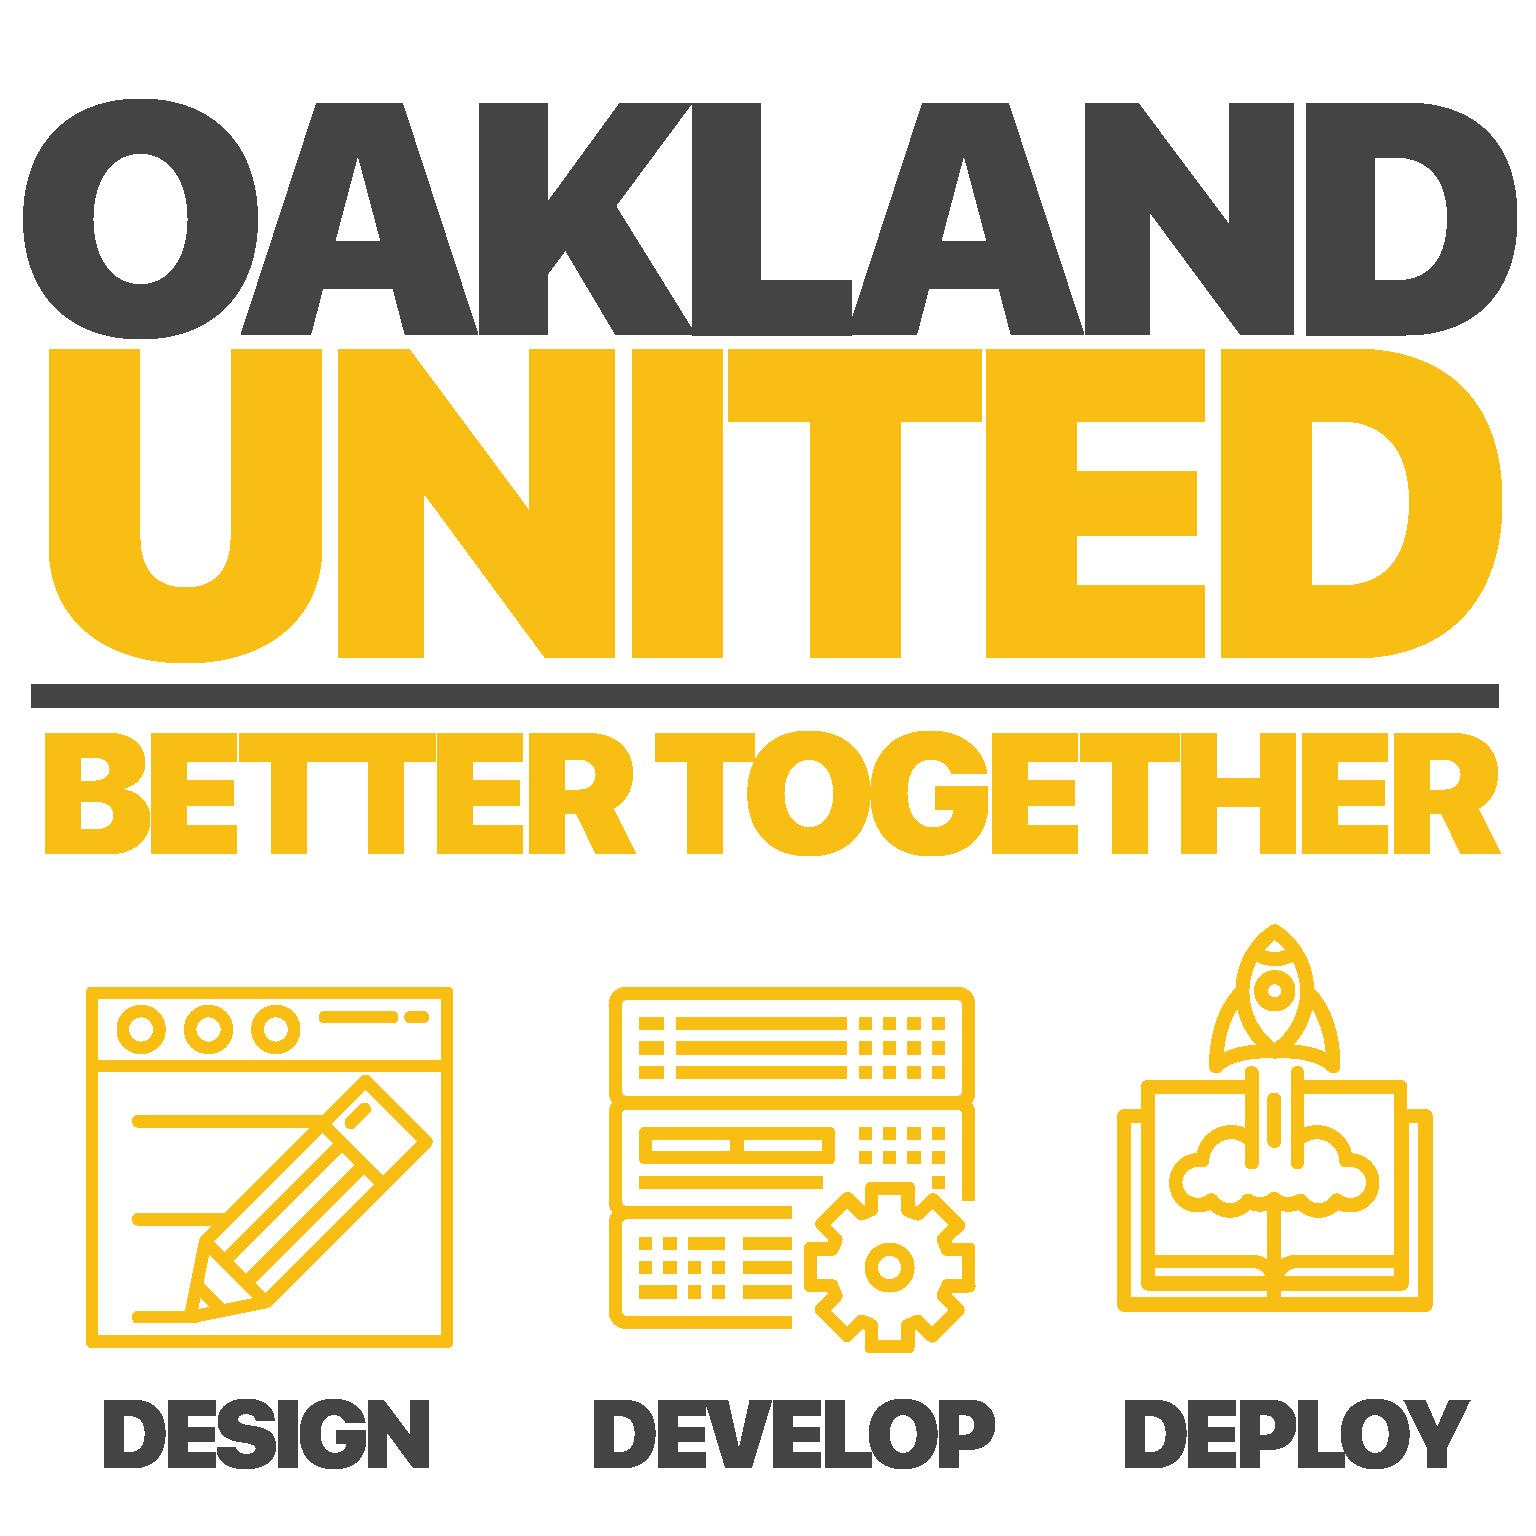 Oakland United